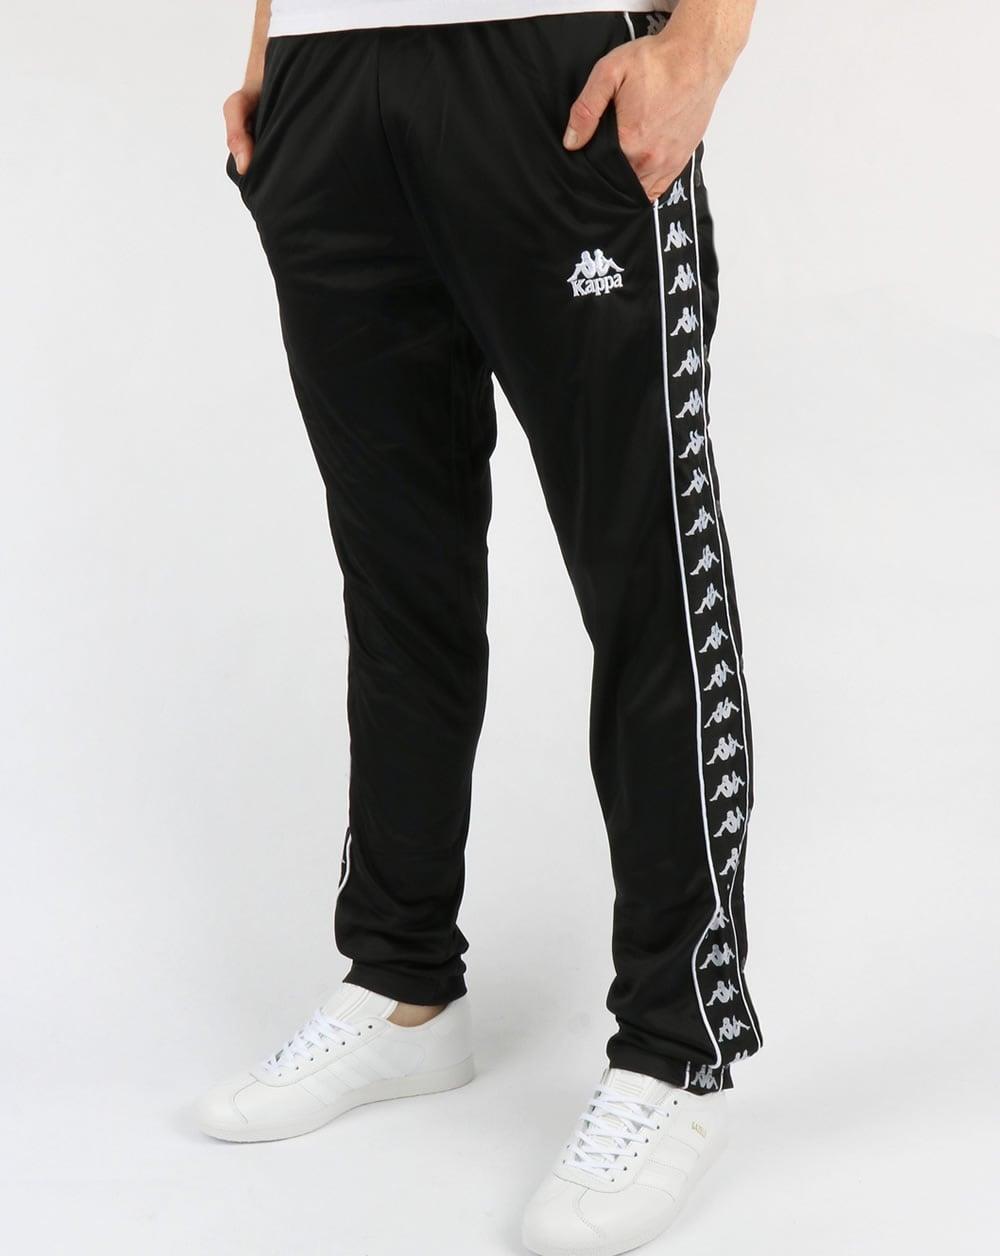 kappa hector popper track pants black tracksuit bottoms stud. Black Bedroom Furniture Sets. Home Design Ideas